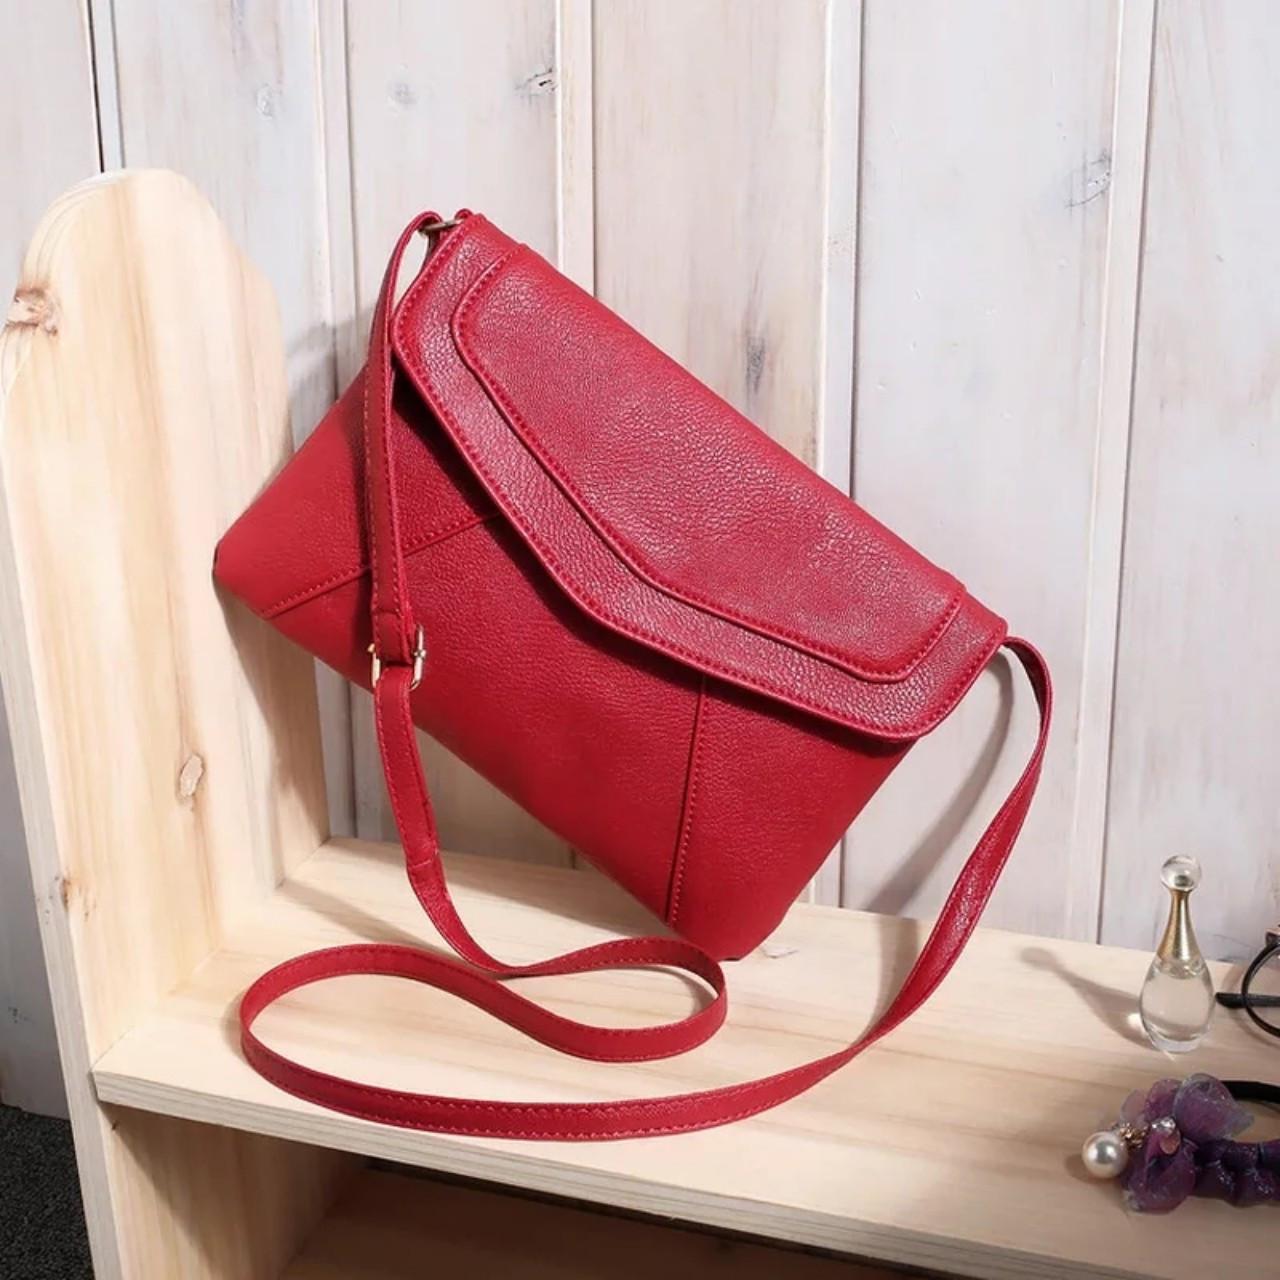 218507531679 Сумка клатч женская модная через плечо красная: продажа, цена в ...